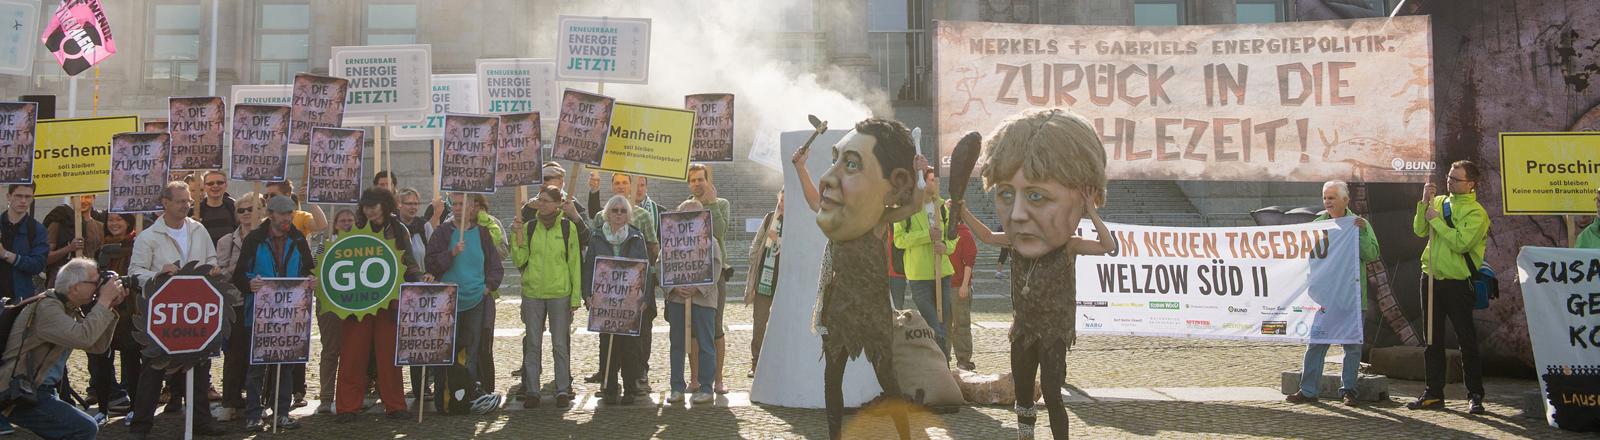 Aktivisten von Campact und BUND protestieren am 27.06.2014 in Berlin gegen die Verabschiedung des Erneuerbare-Energien-Gesetzes